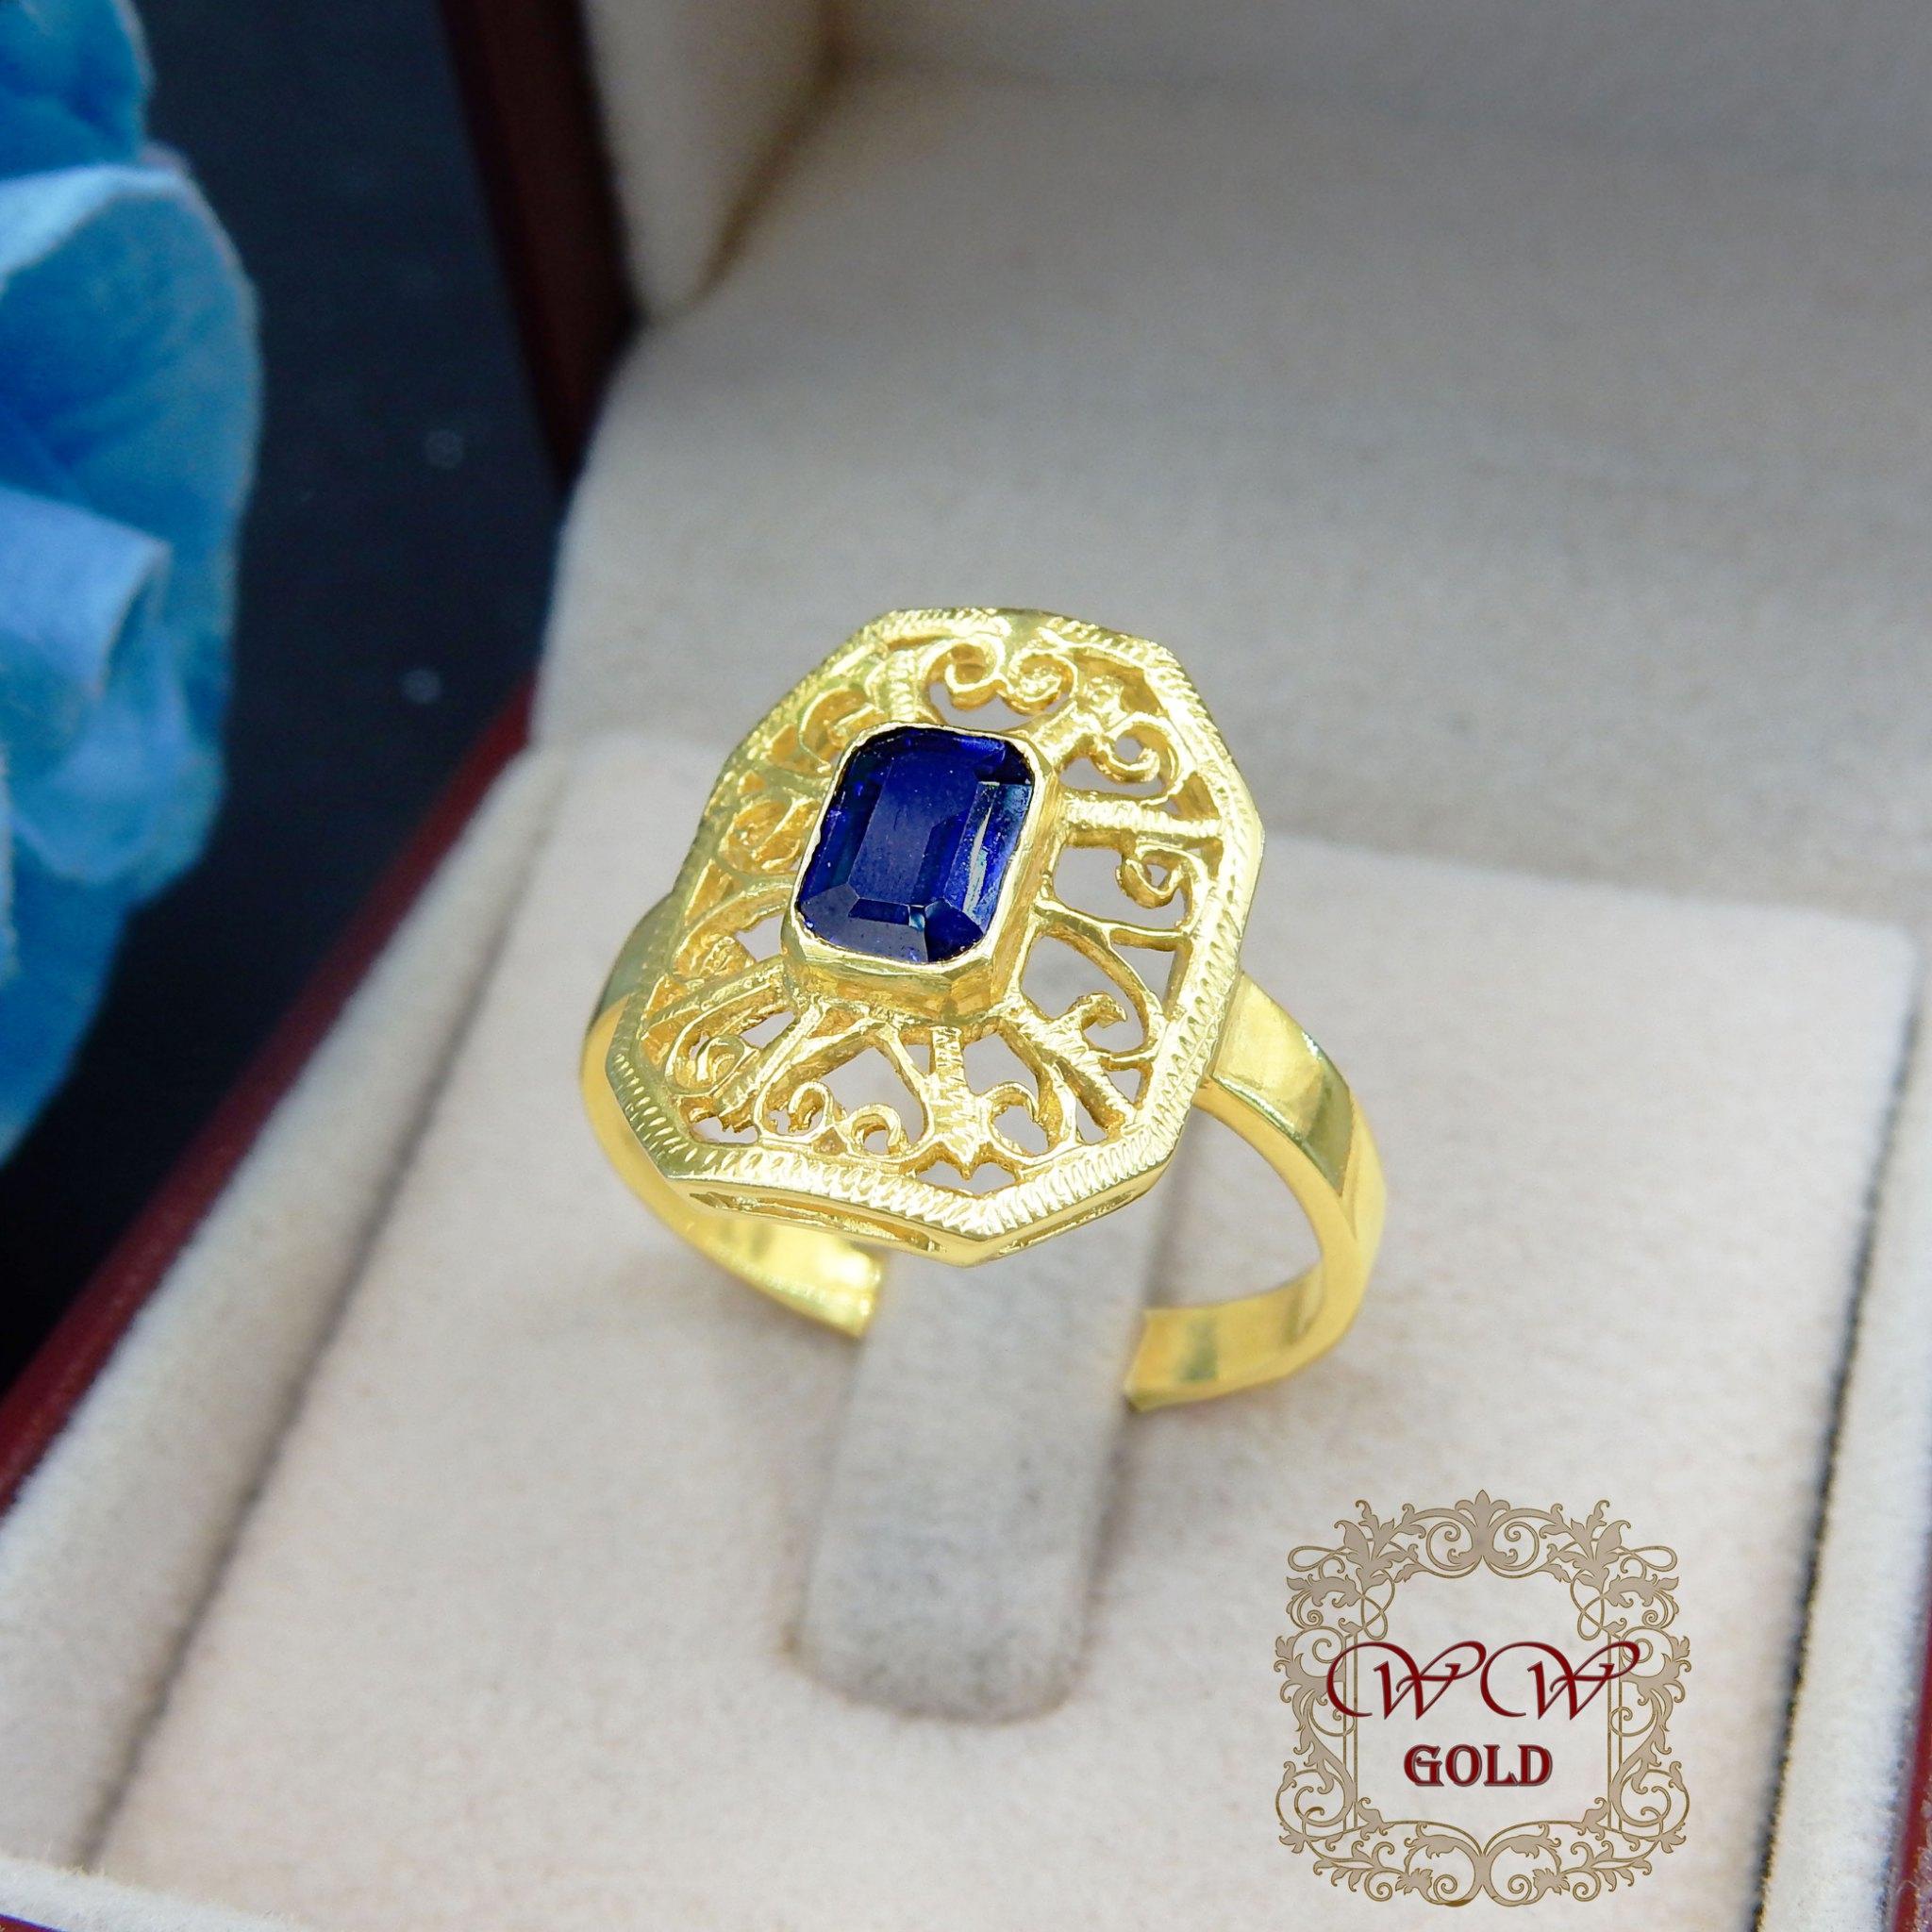 แหวนพลอยสีน้ำเงิน